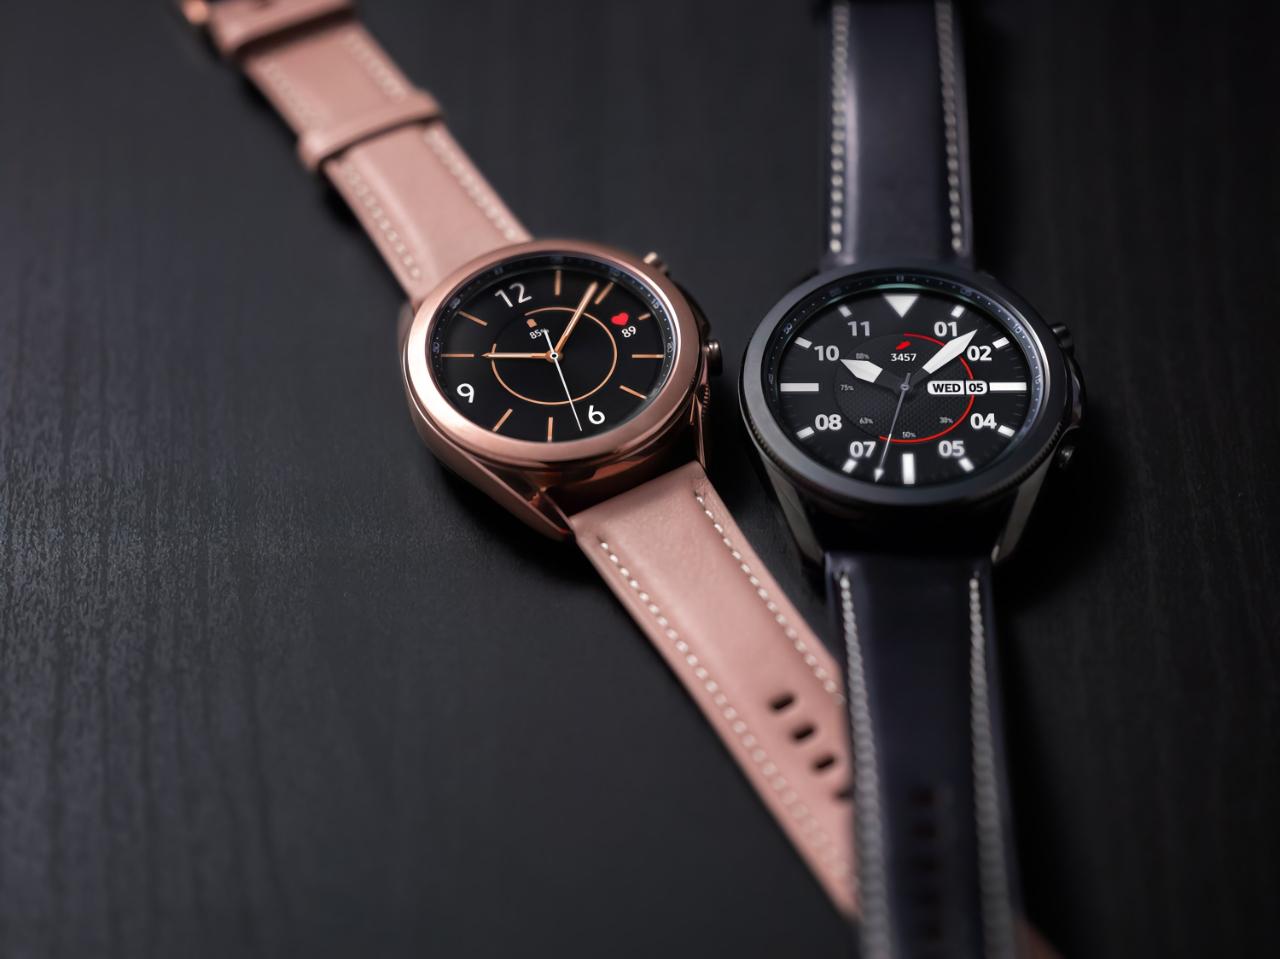 Инсайдер: Samsung запустила массовое производство Galaxy Watch 4